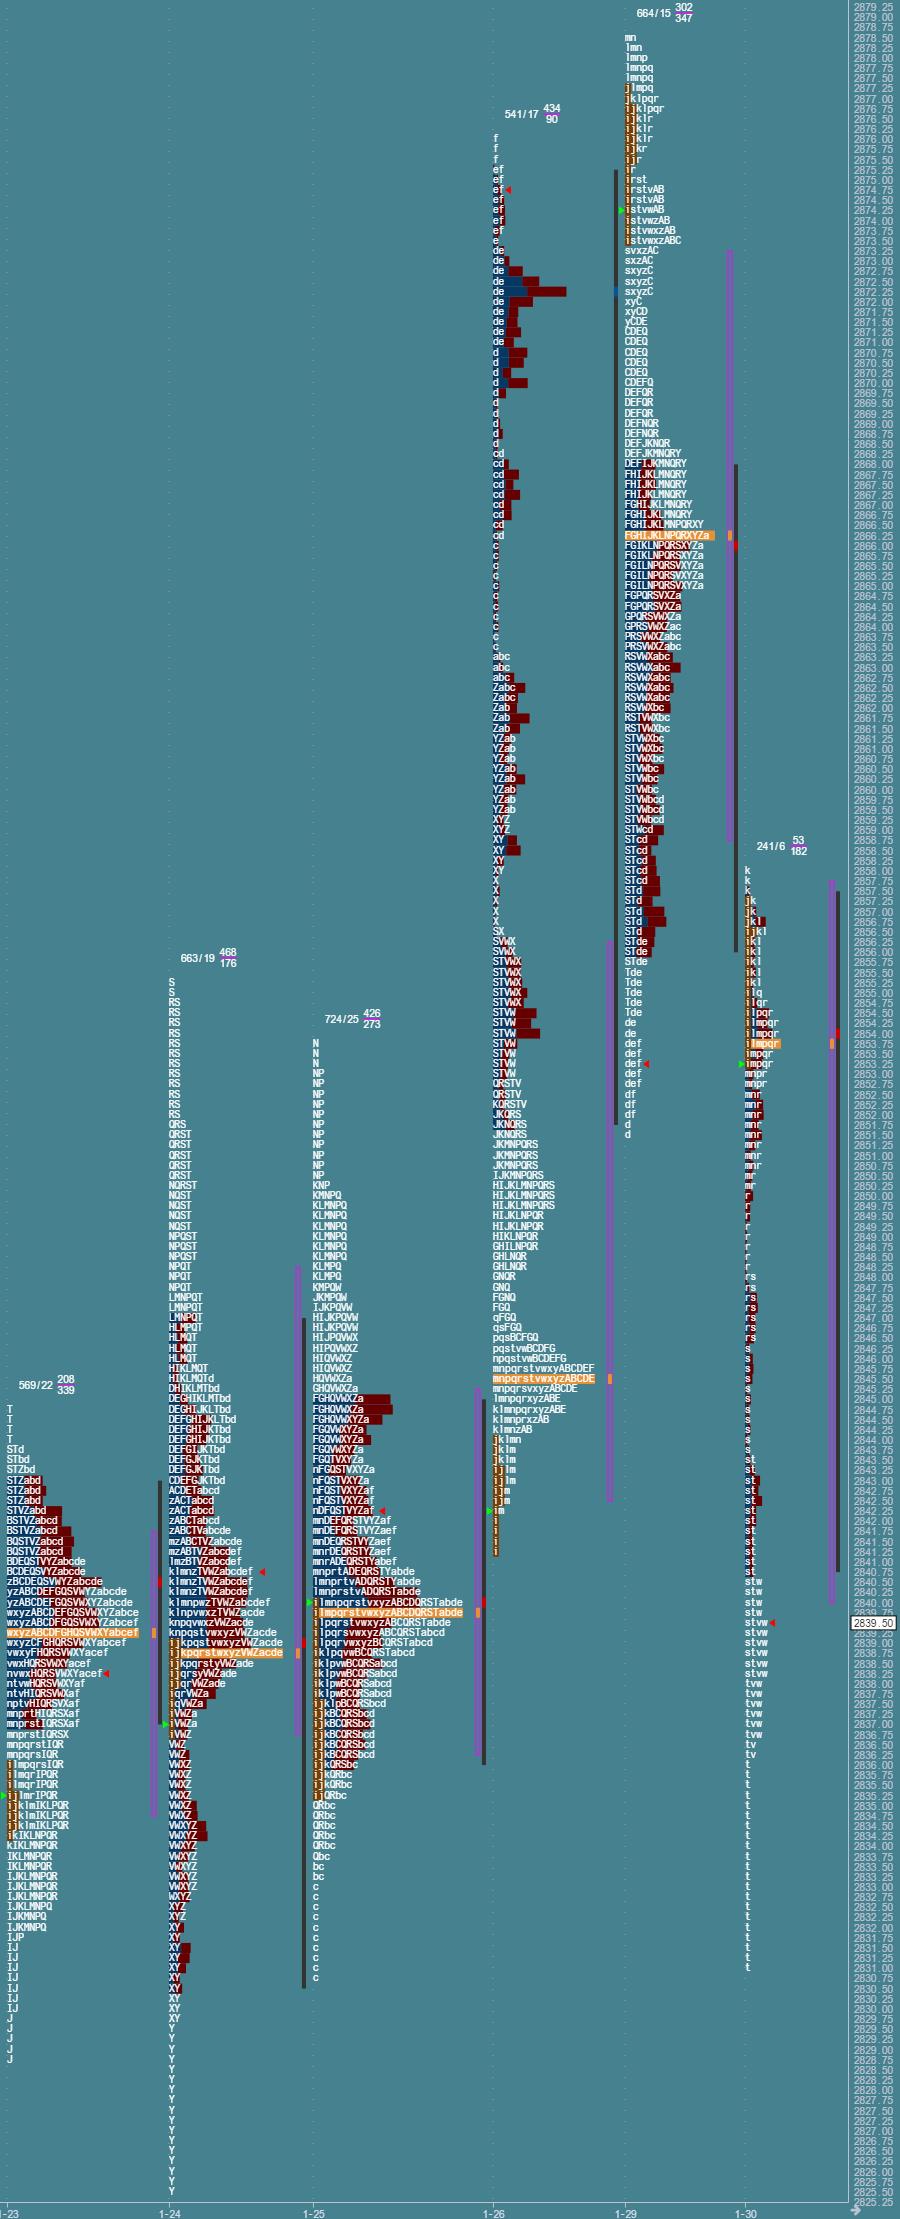 Przygotowane do sesji: market profile z 30 stycznia